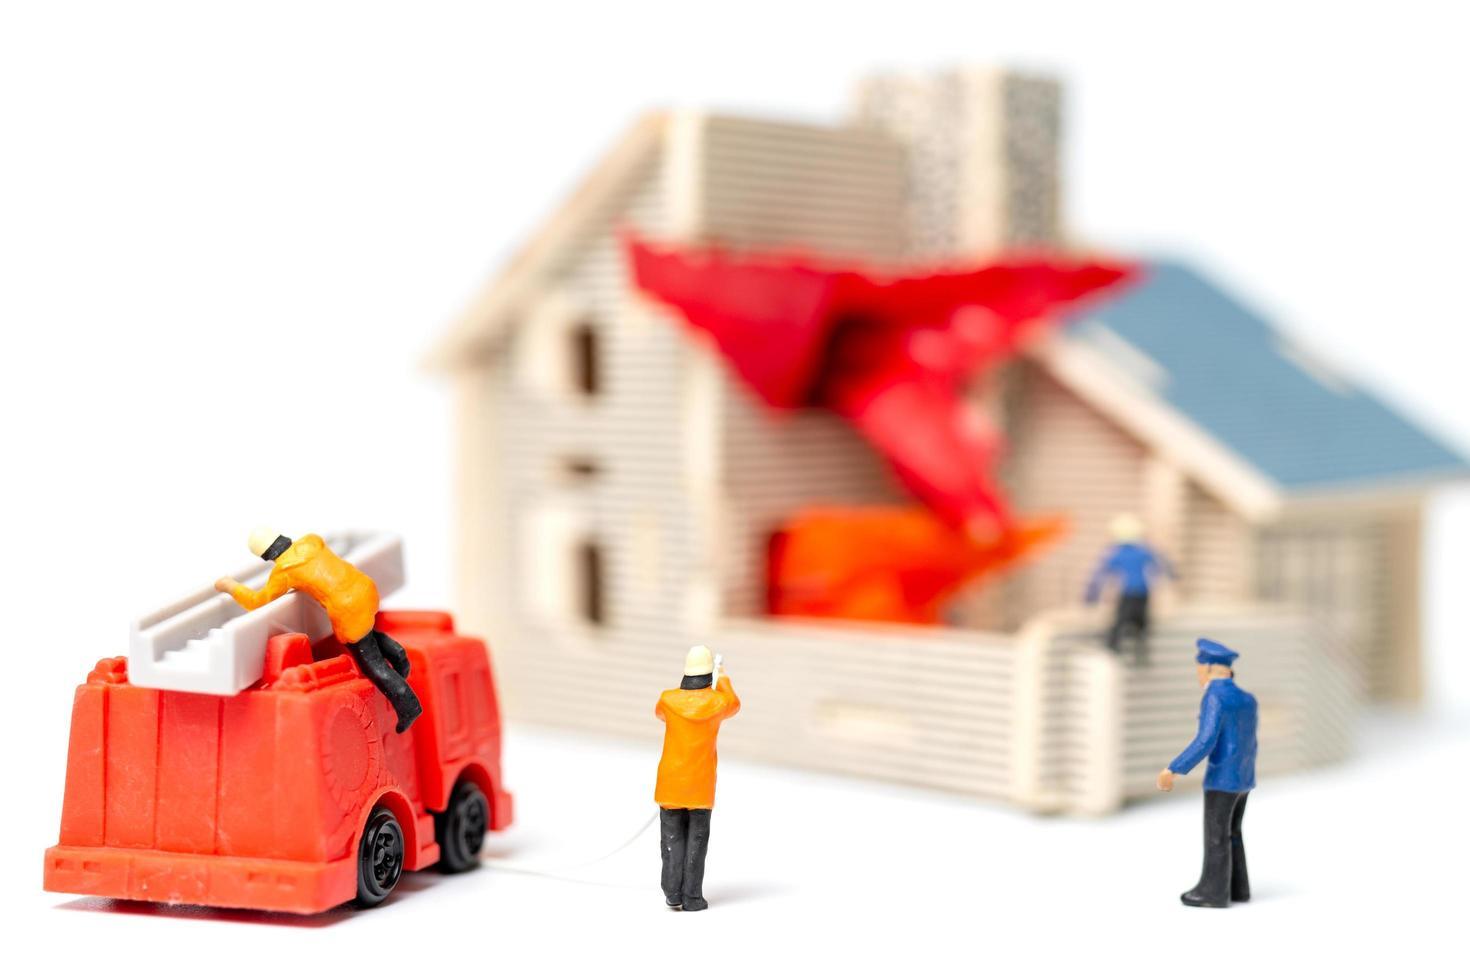 miniatyr brandmän tar hand om en brand nödsituation vid ett trähus foto